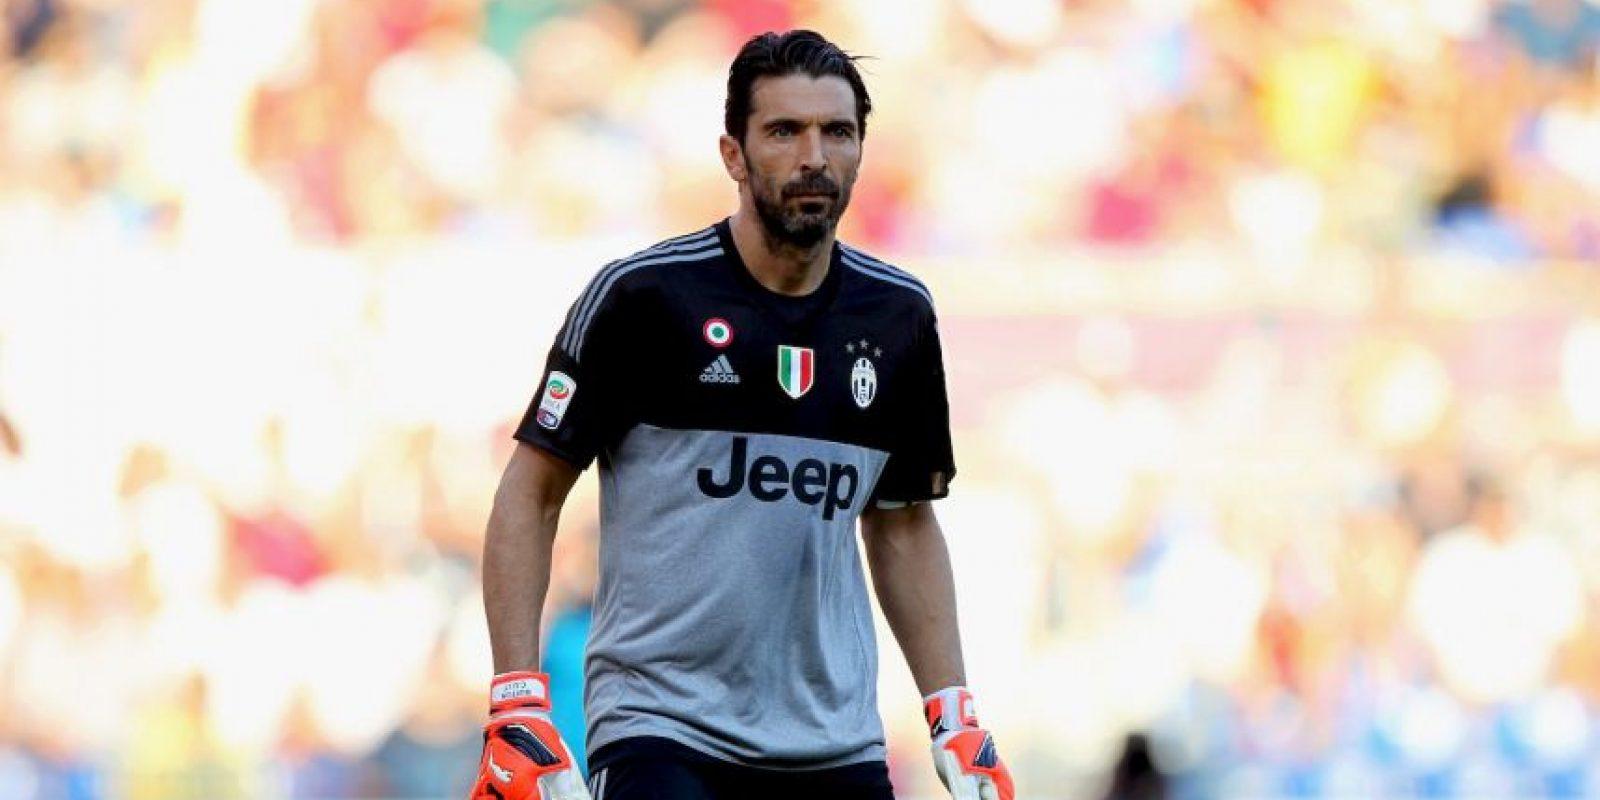 Juventus es uno de los tres planteles más grandes de edad. Tiene un promedio de 27.8 años Foto:Getty Images